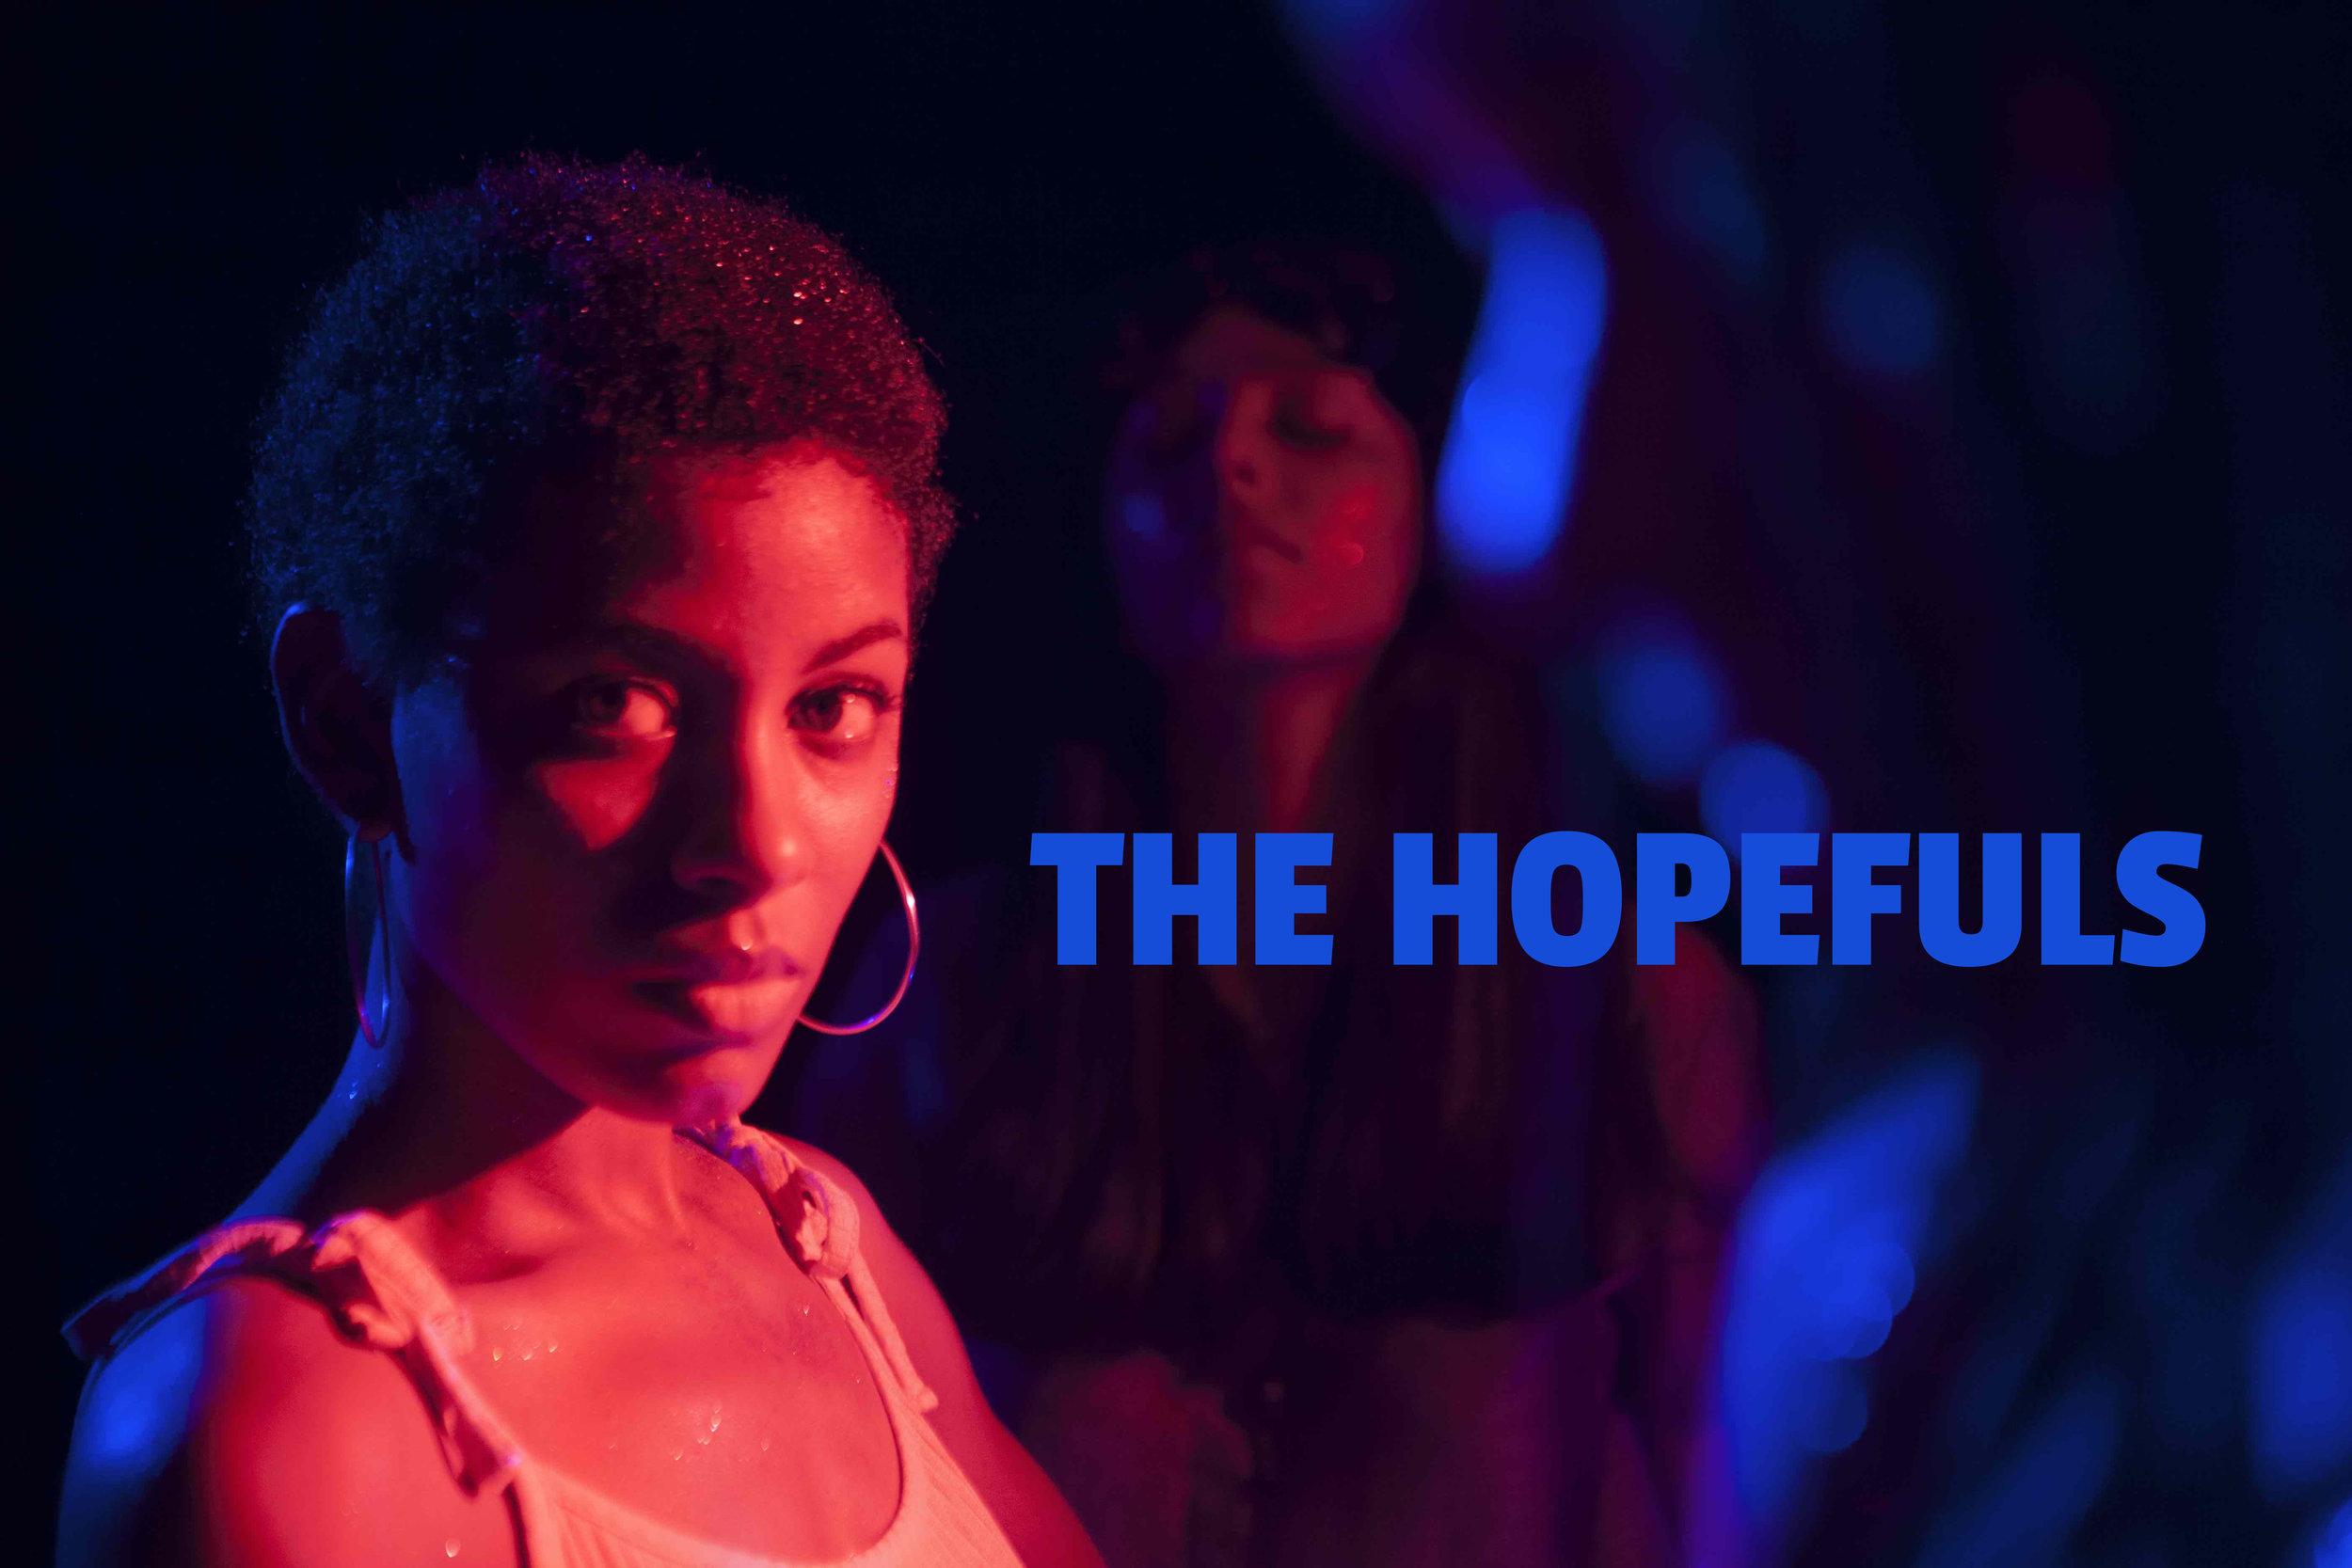 Hopefuls-title.jpg